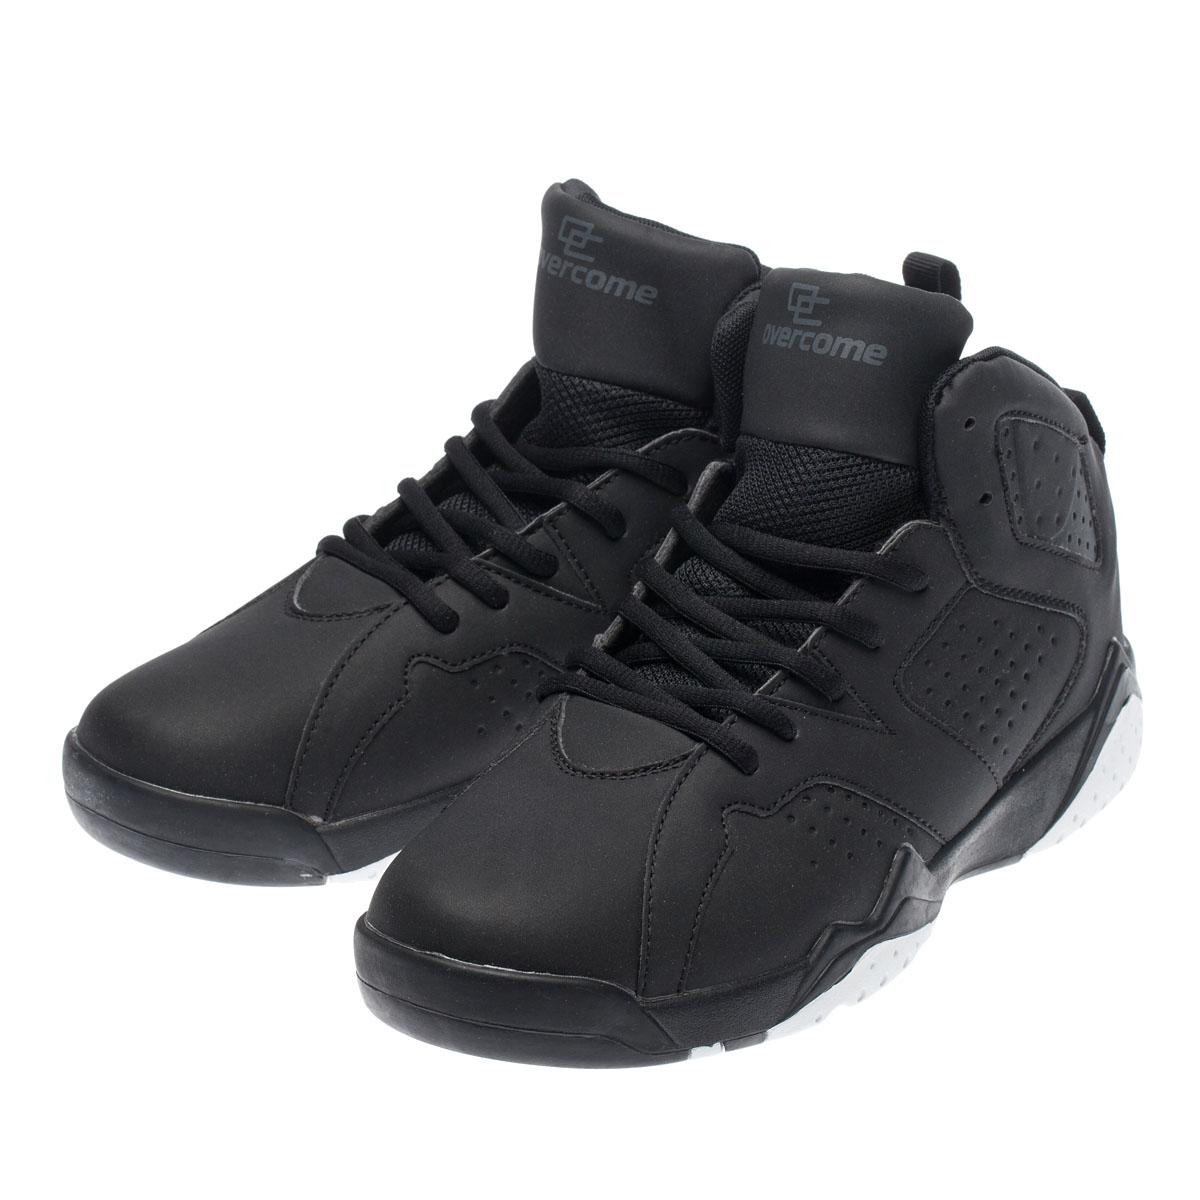 Фото - Ботинки демисезонные Overcome, 86212 демисезонные ботинки dg